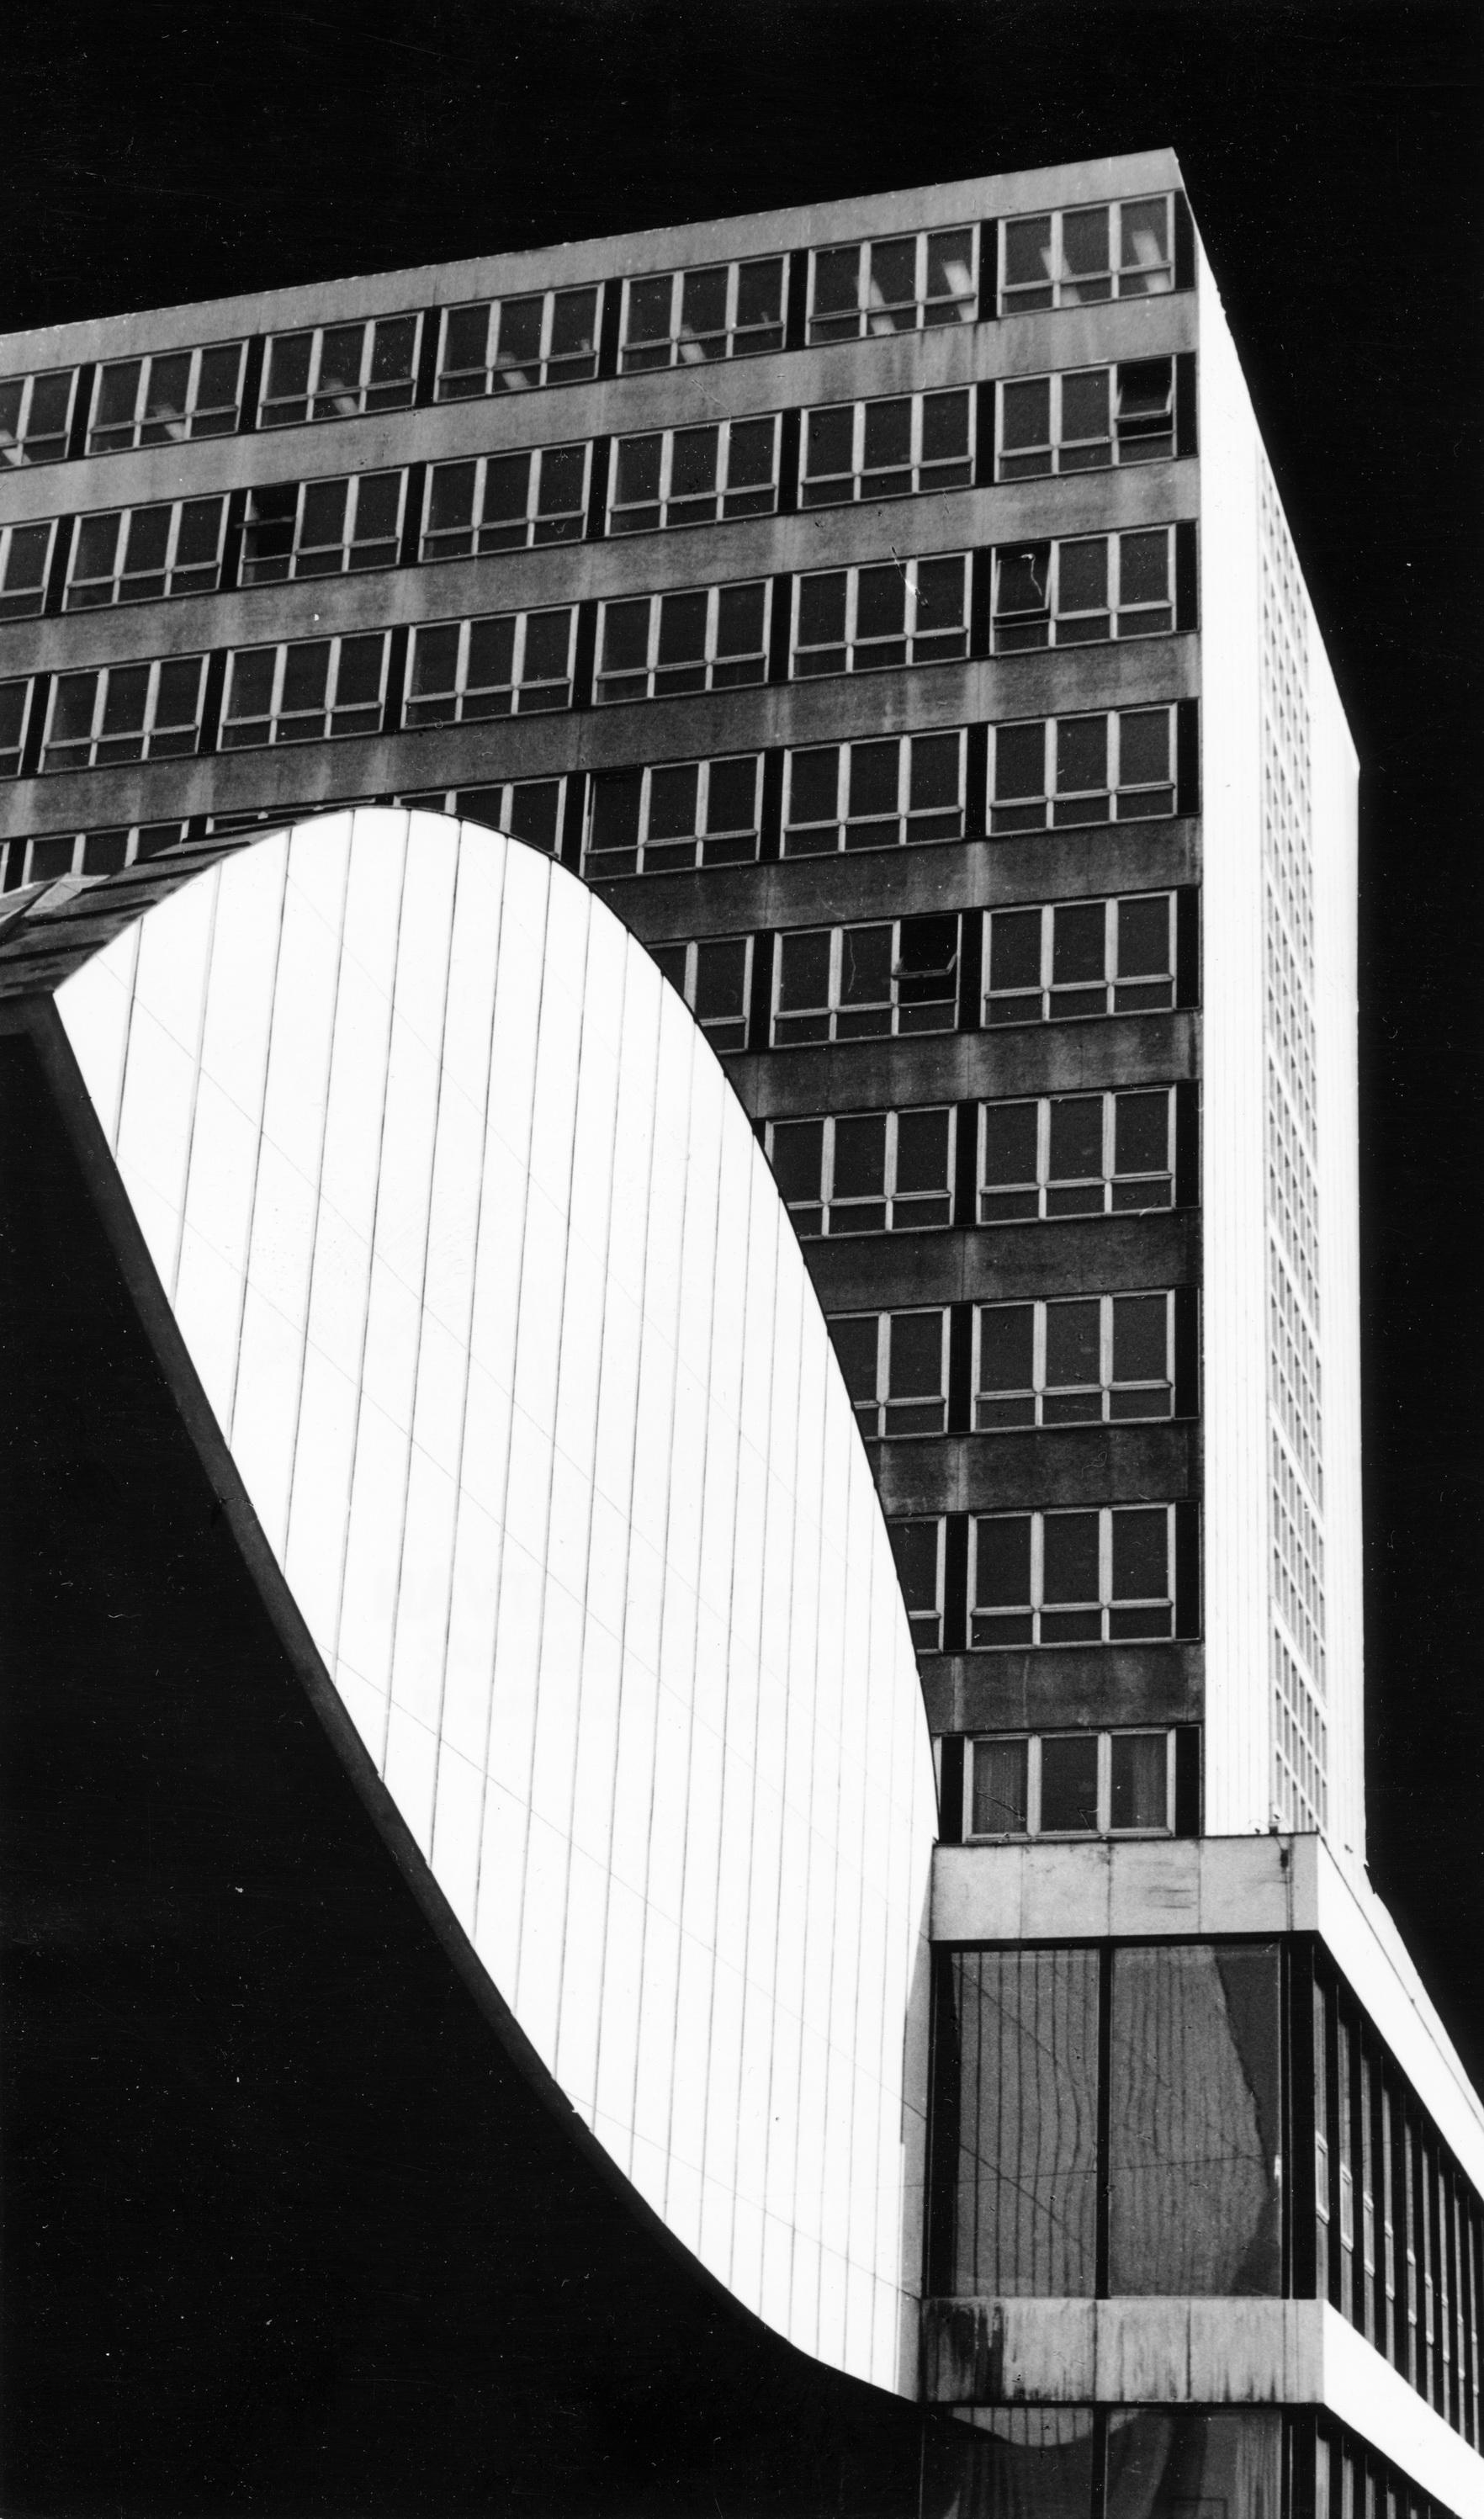 muegyetem-1974korul-fortepan_hu-164976-herpaygabor.jpg